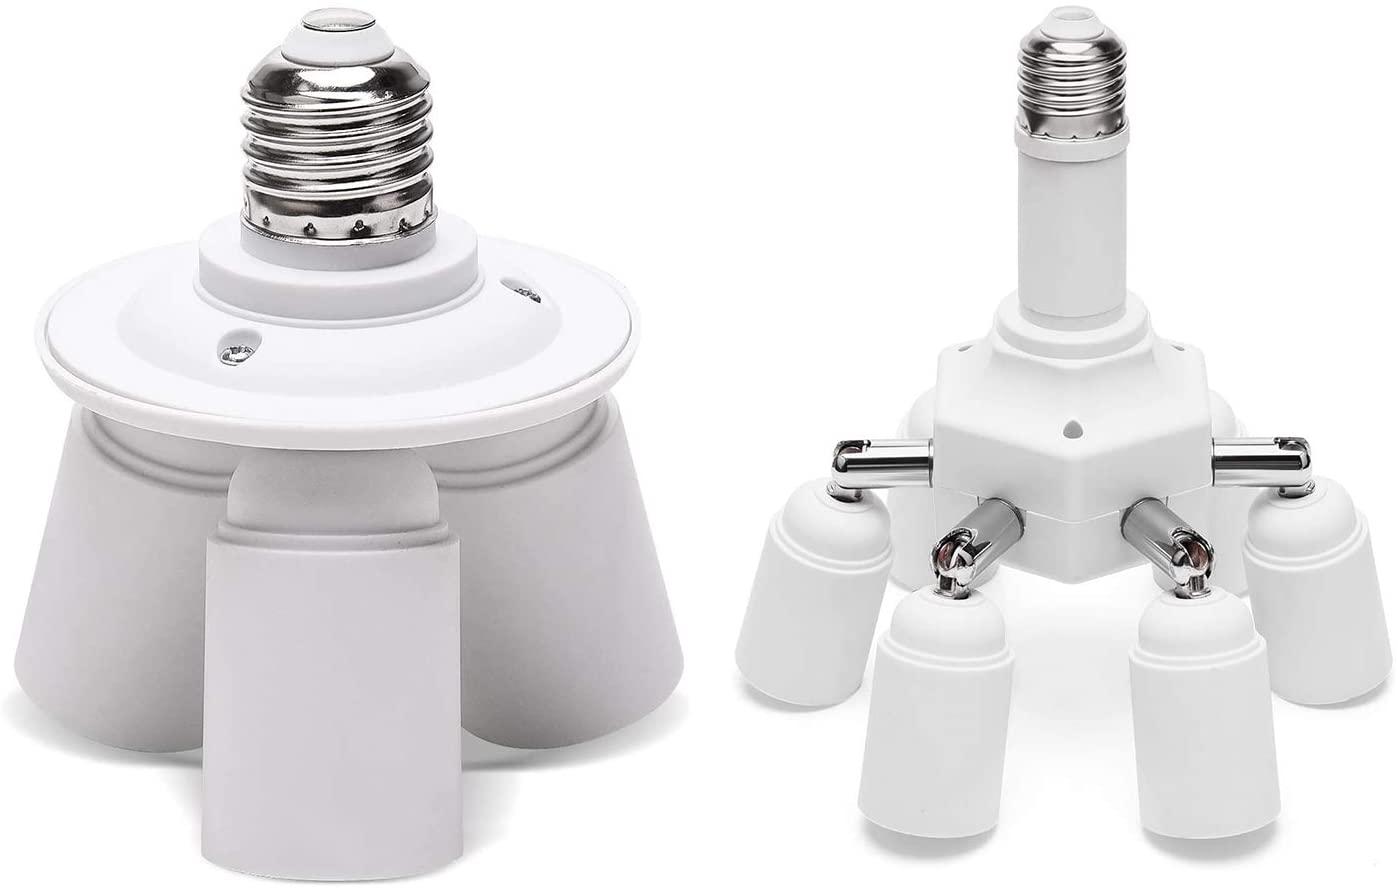 JACKYLED Light Socket Splitter 3 in 1 7 in 1 E26 E27 Base Adapter Converter Bulb Adapter